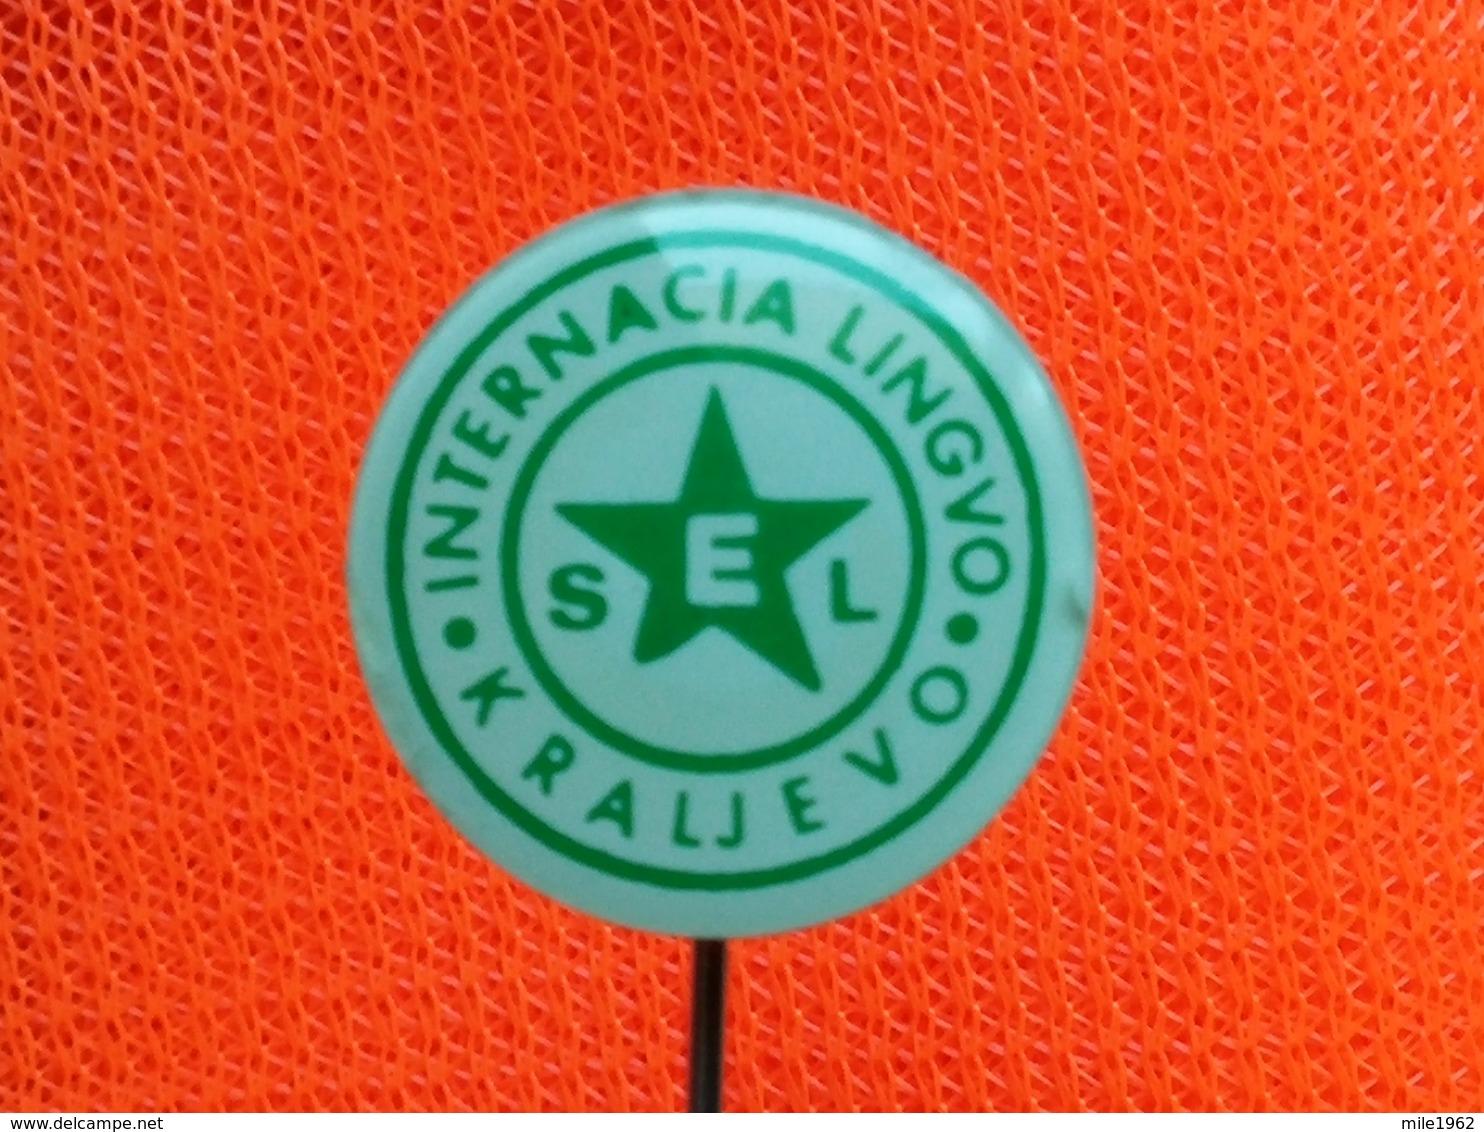 List 102 - ESPERANTO INTERNACIO LINGVO KRALJEVO SERBIA - Pin's